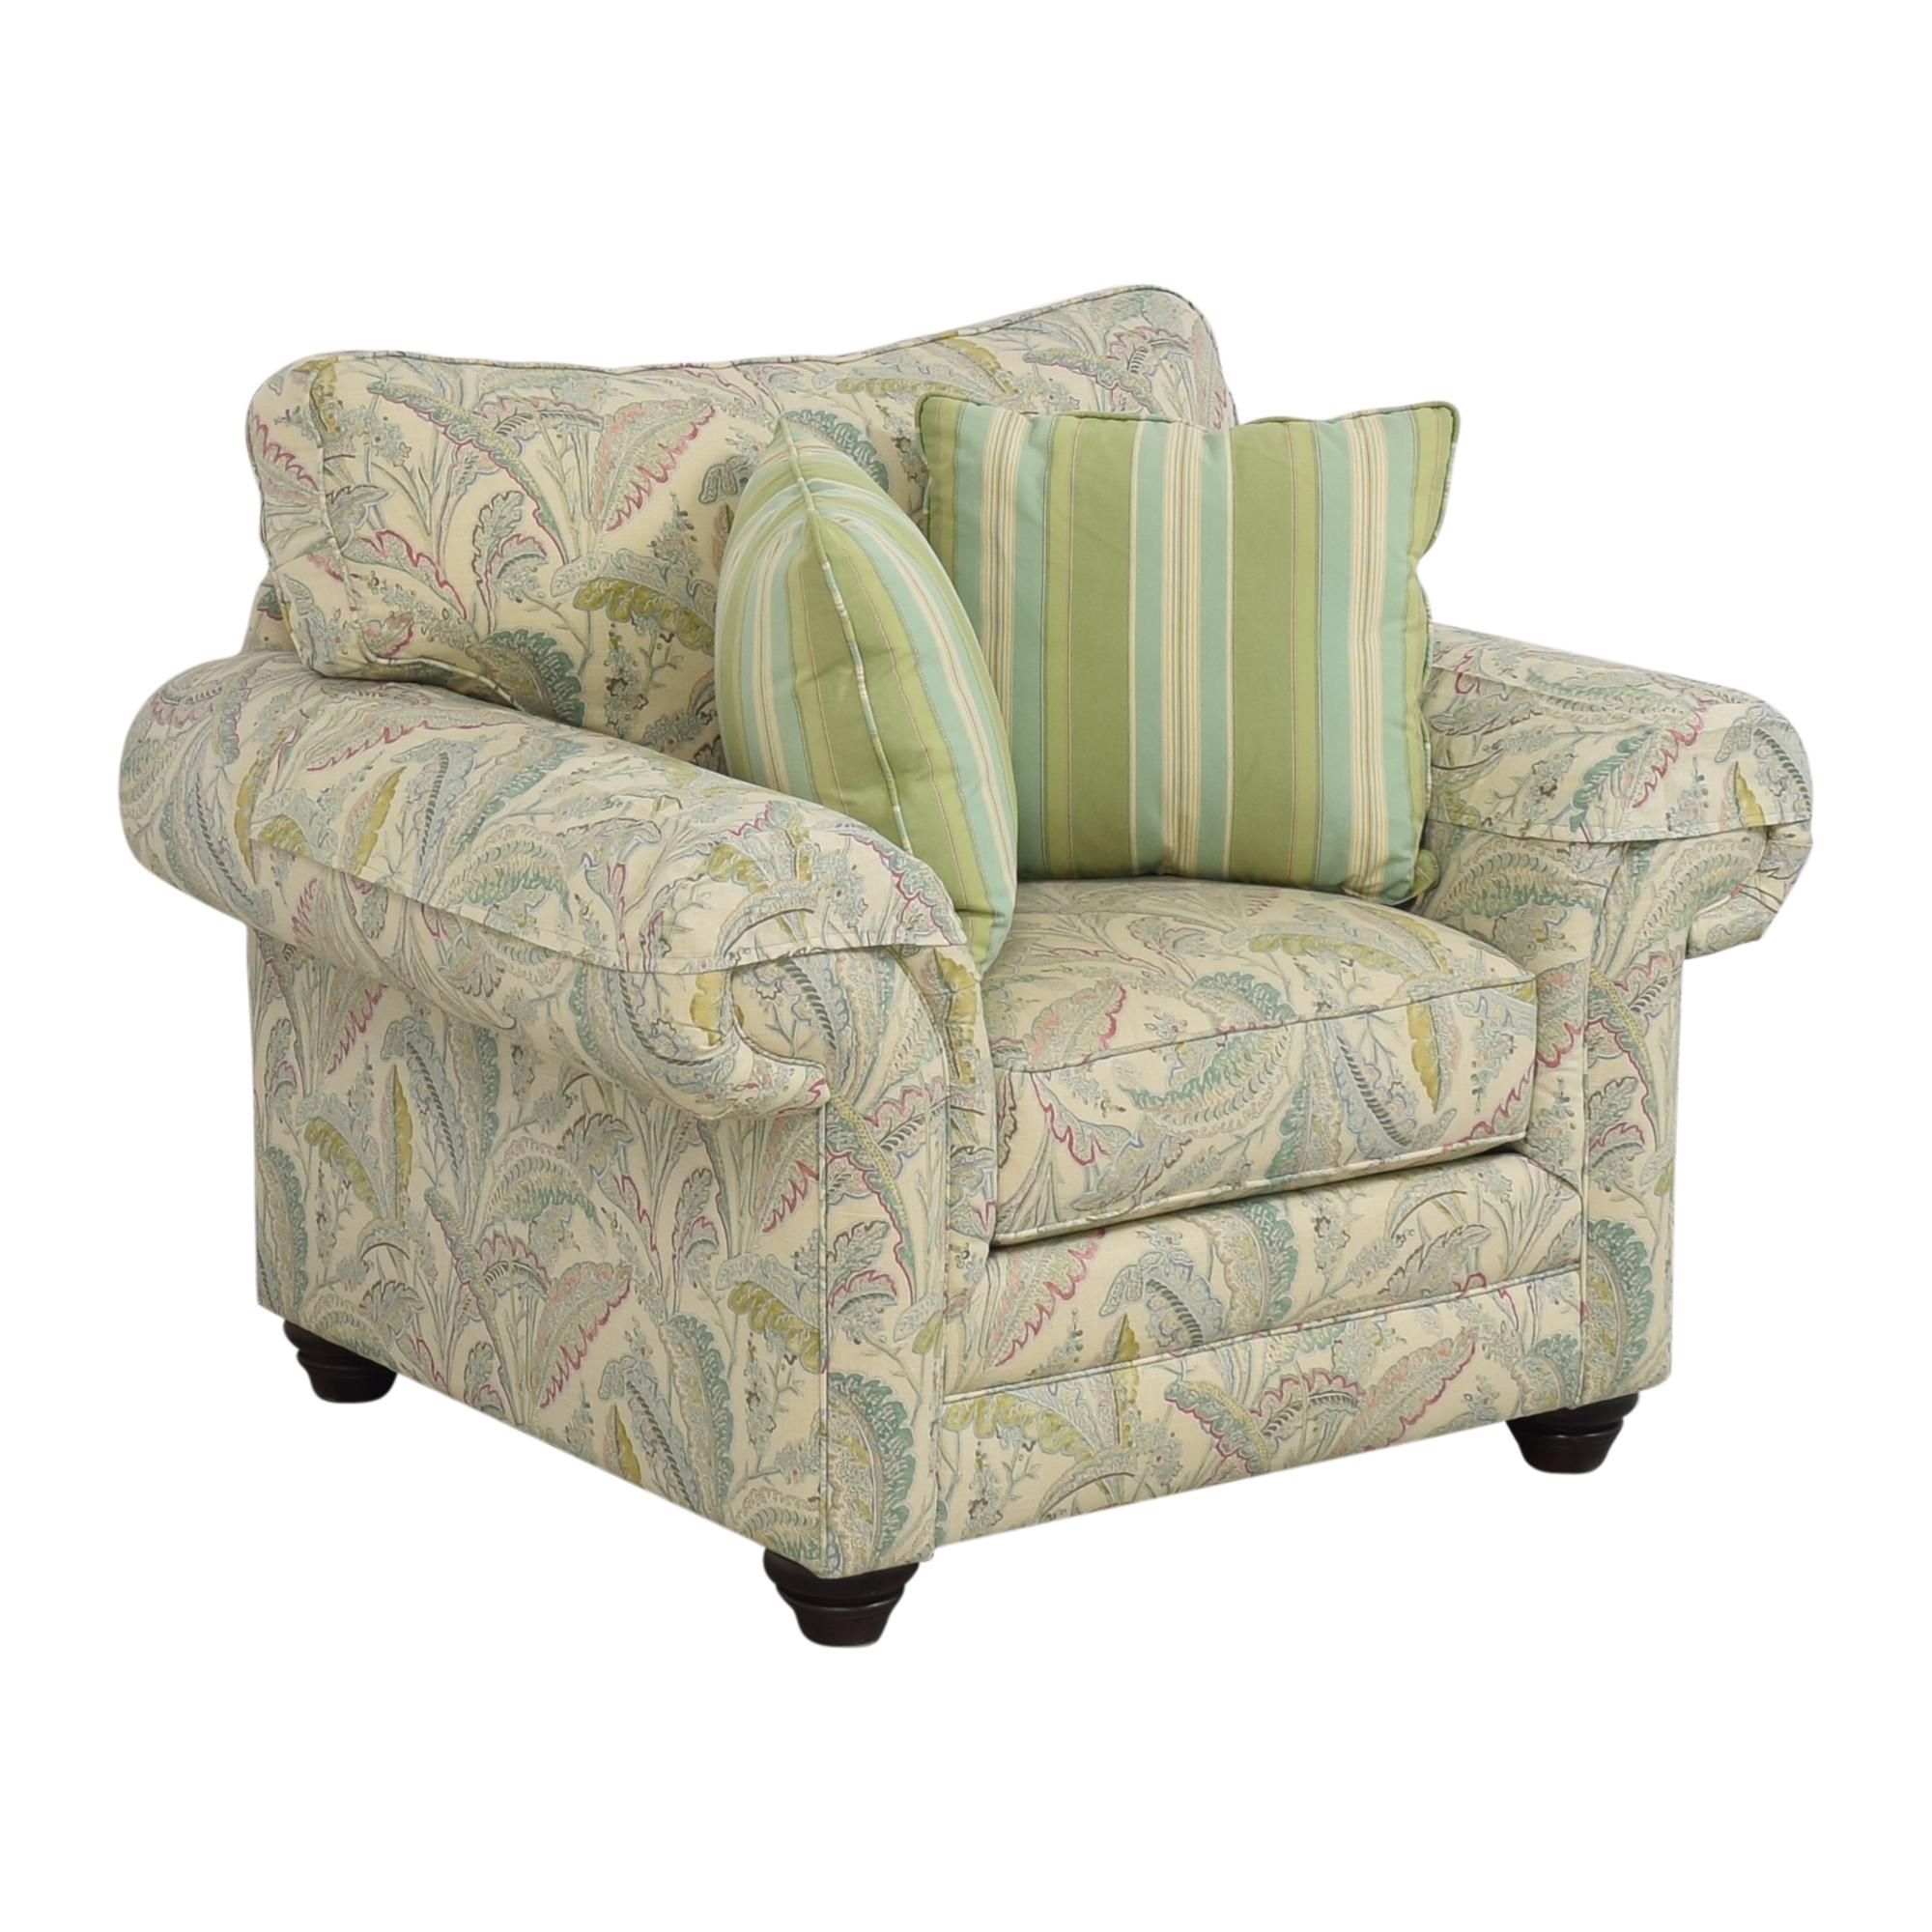 Bassett Furniture Bassett Furniture Custom Upholstered Arm Chair ct